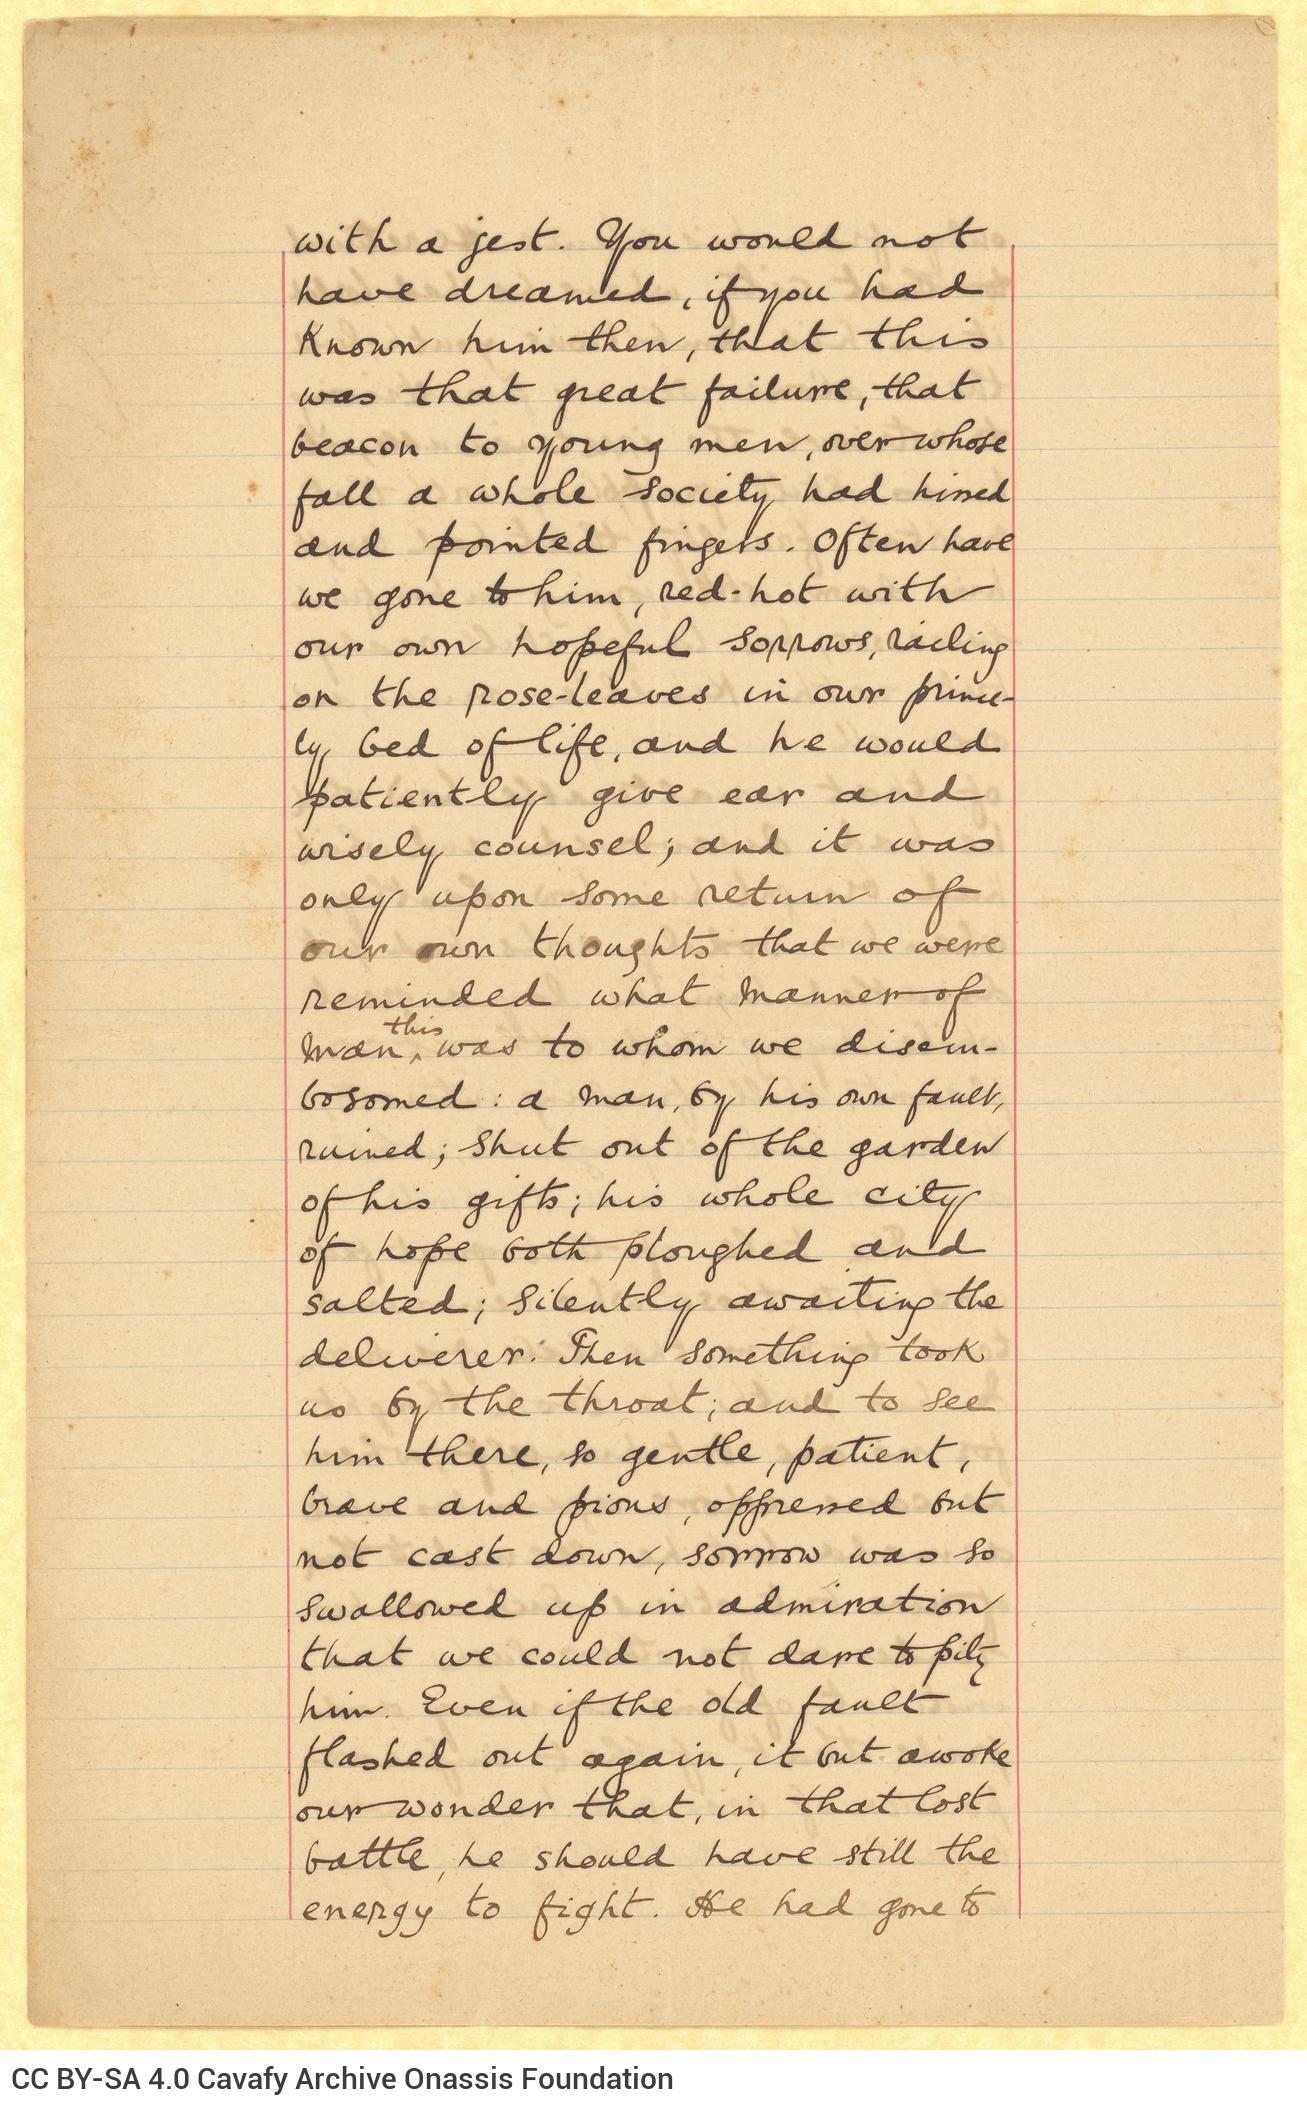 Χειρόγραφο απόσπασμα από το δοκίμιο «Old Mortality» του Ρόμπερτ Λούις Στ